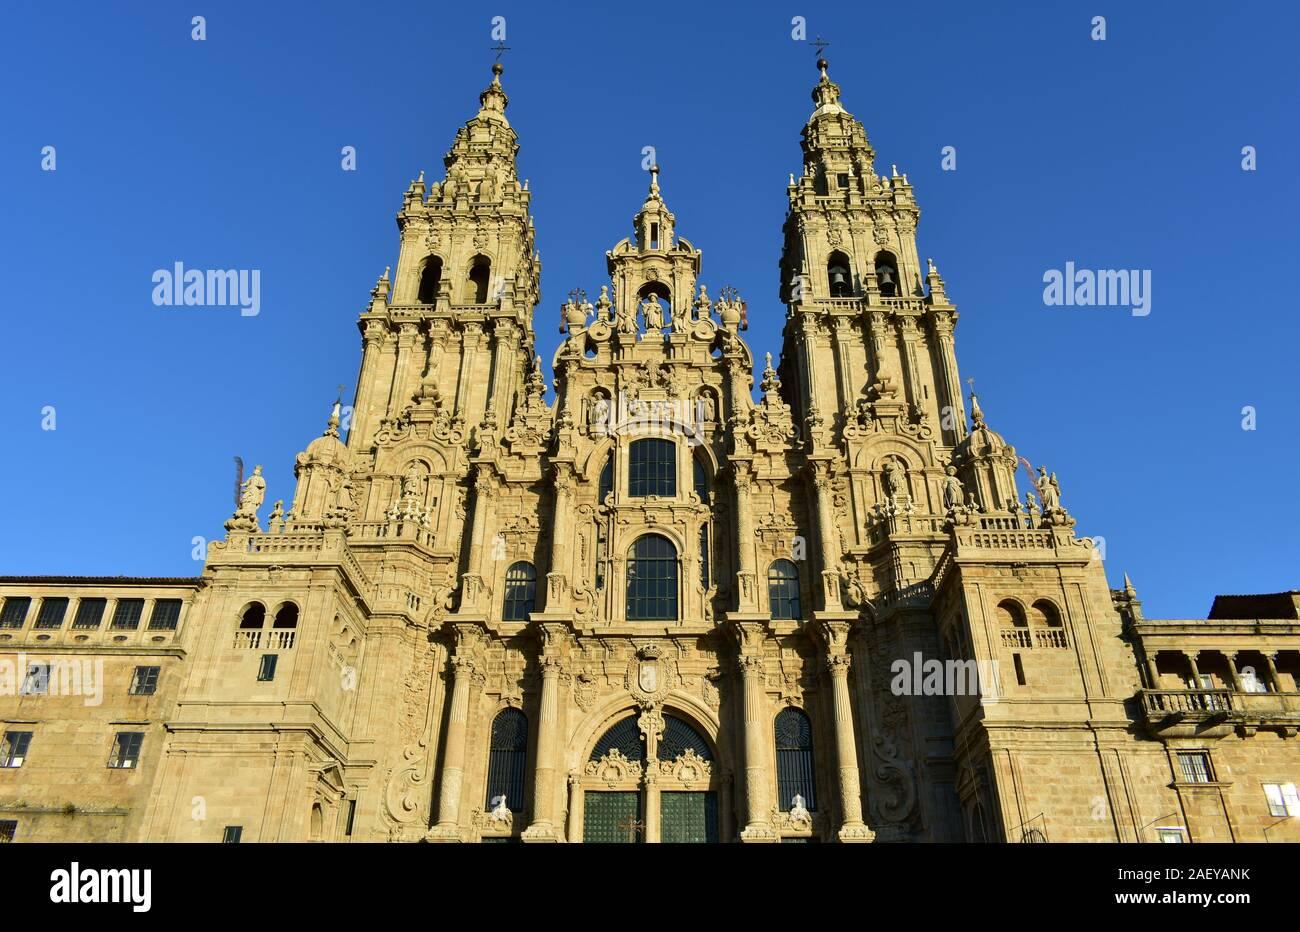 Catedral con la luz del atardecer y el cielo azul. Vista desde la Praza do Obradoiro. Santiago de Compostela, España. Foto de stock